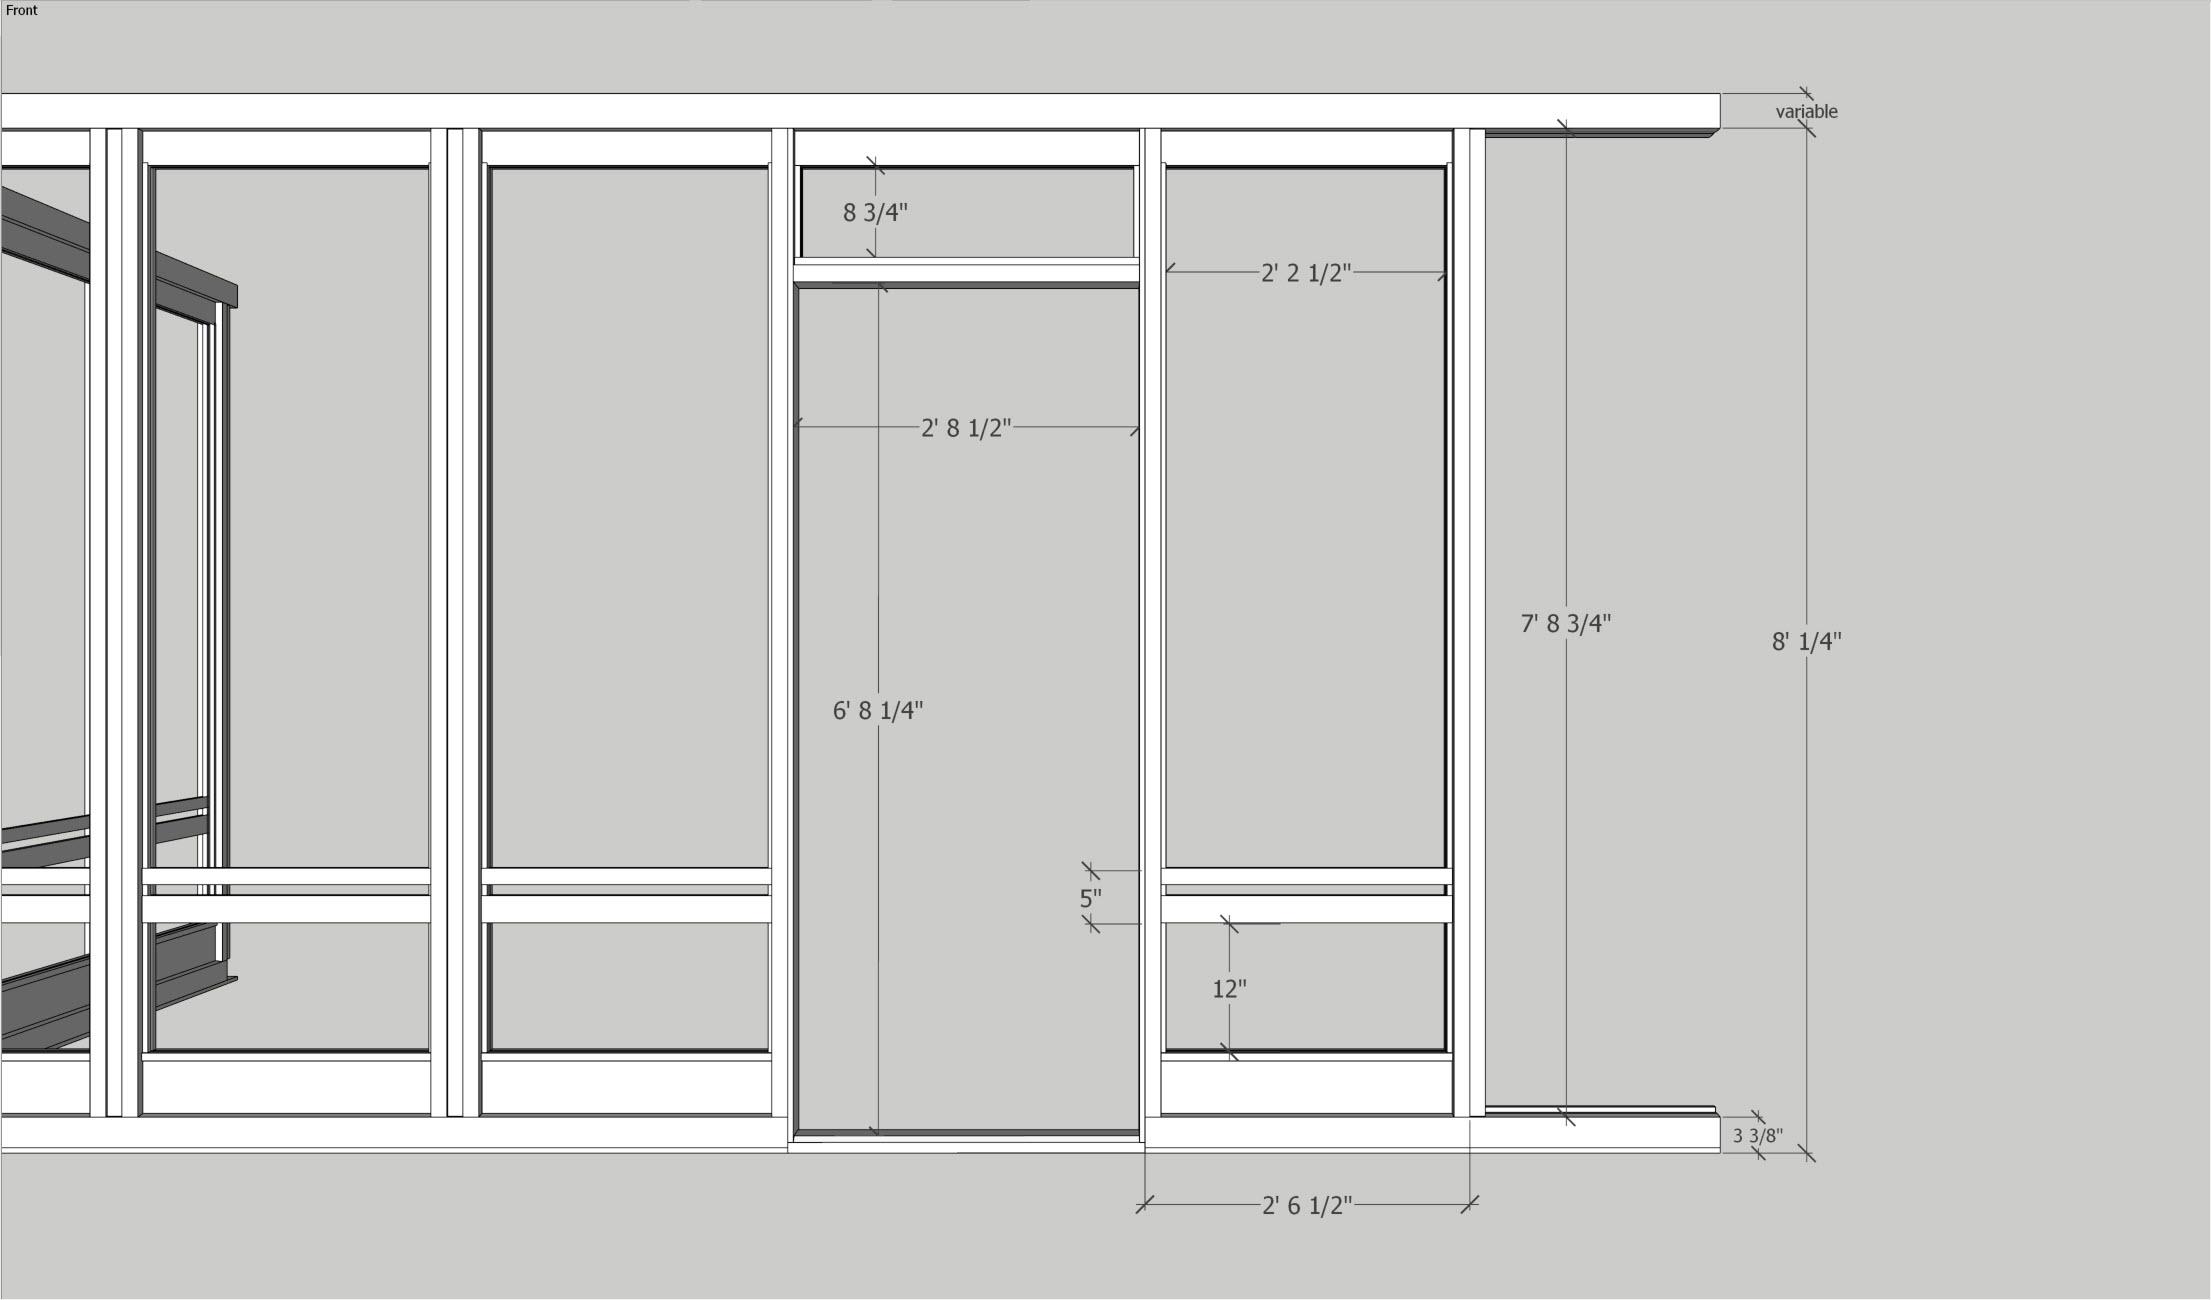 Porch enclosure kit